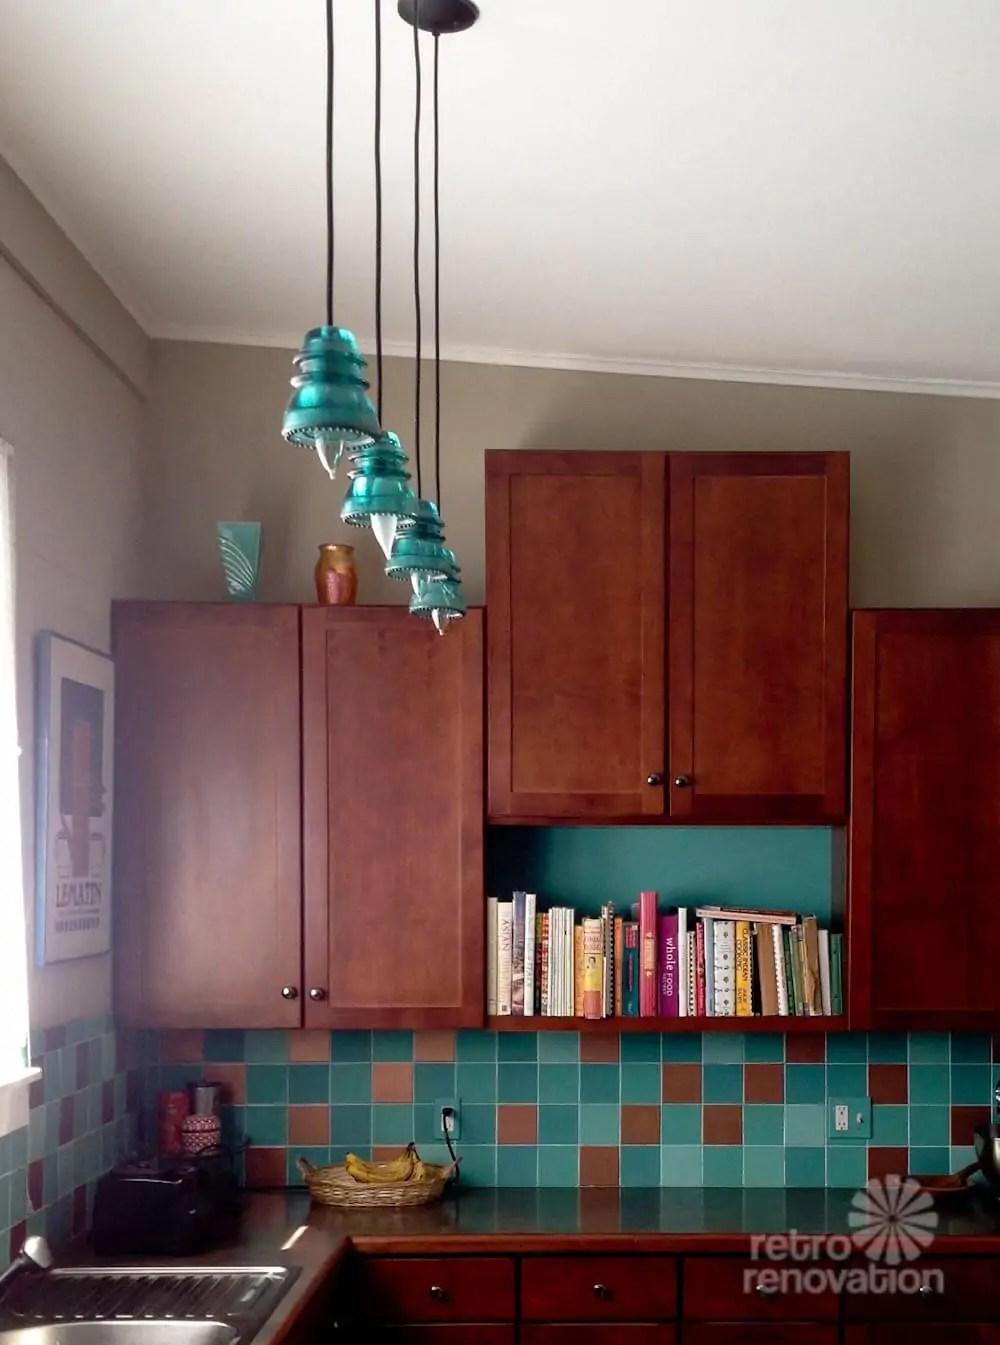 Safe Light Bulbs